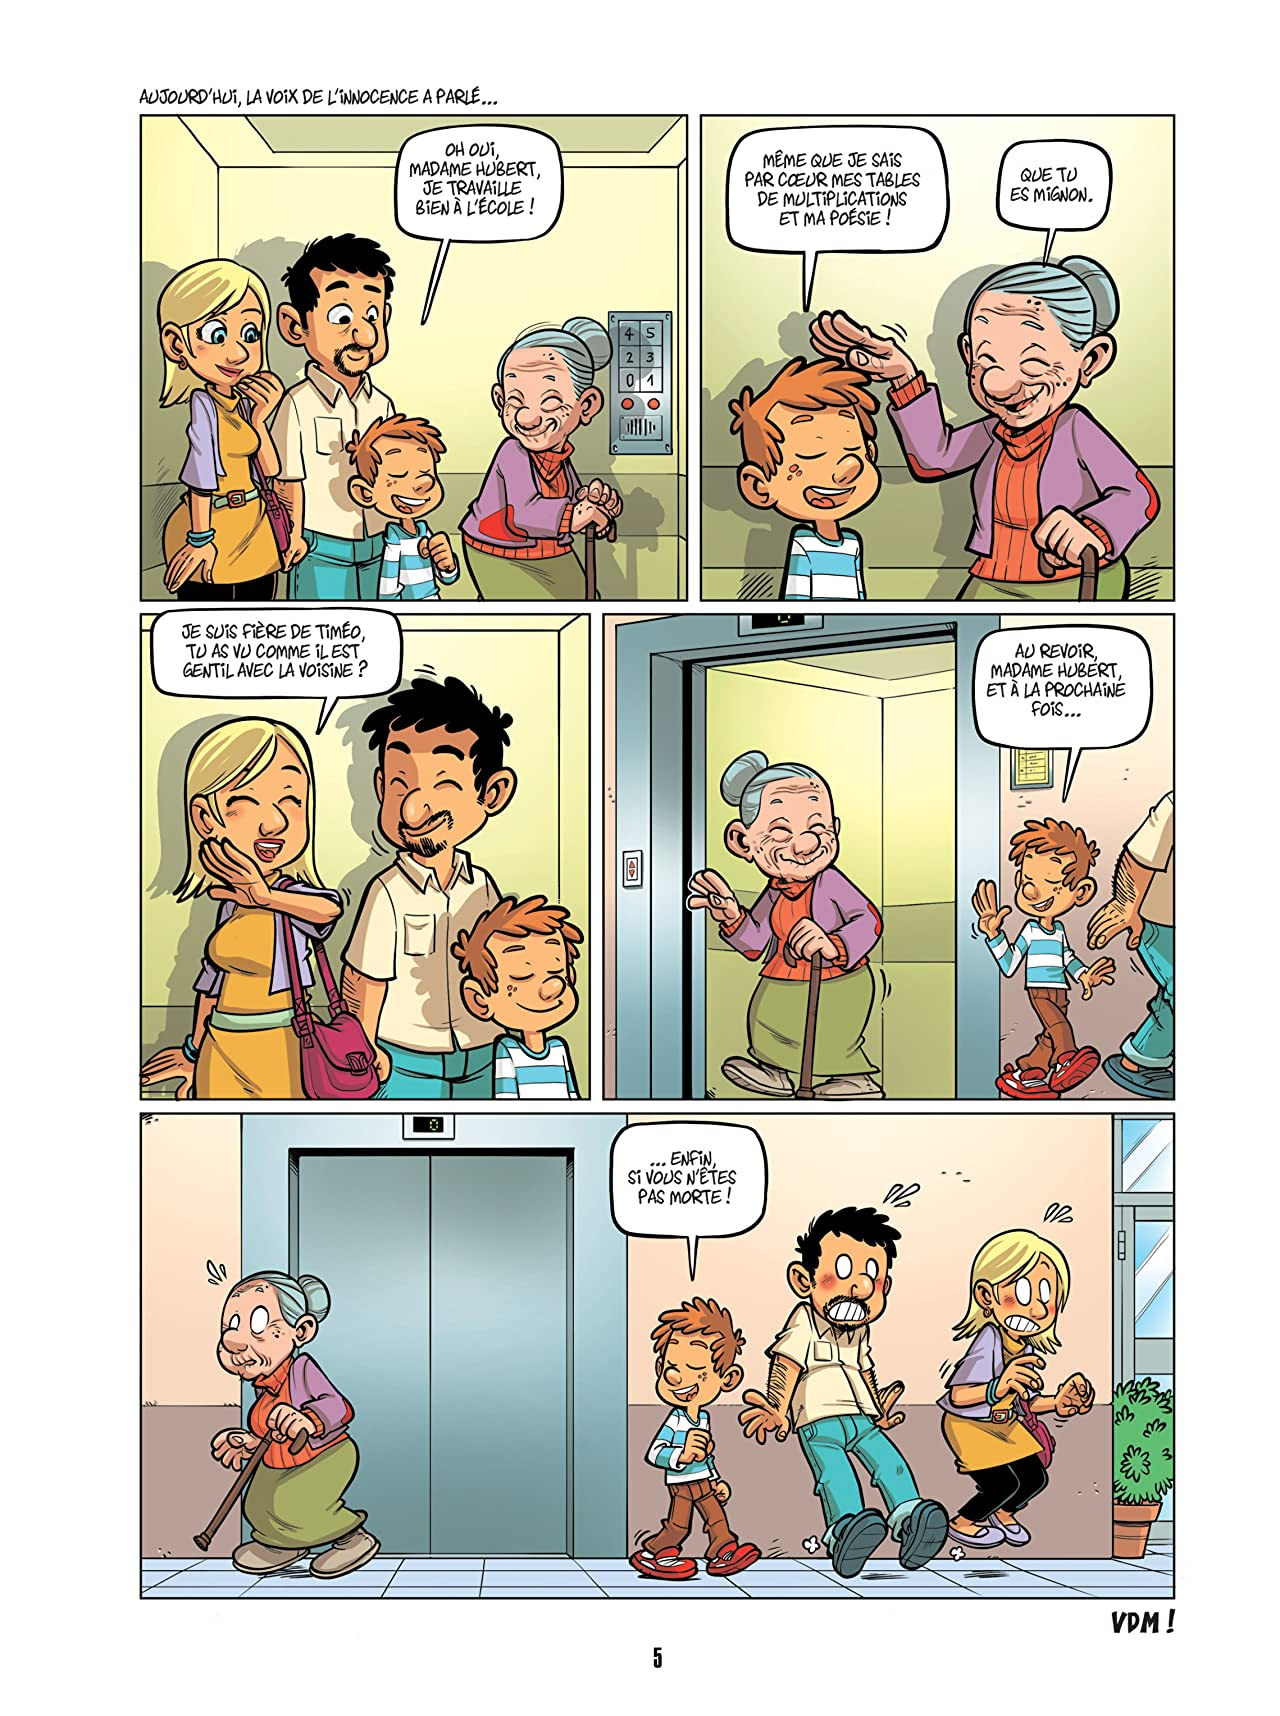 VDM Vol. 20: Les Voisins